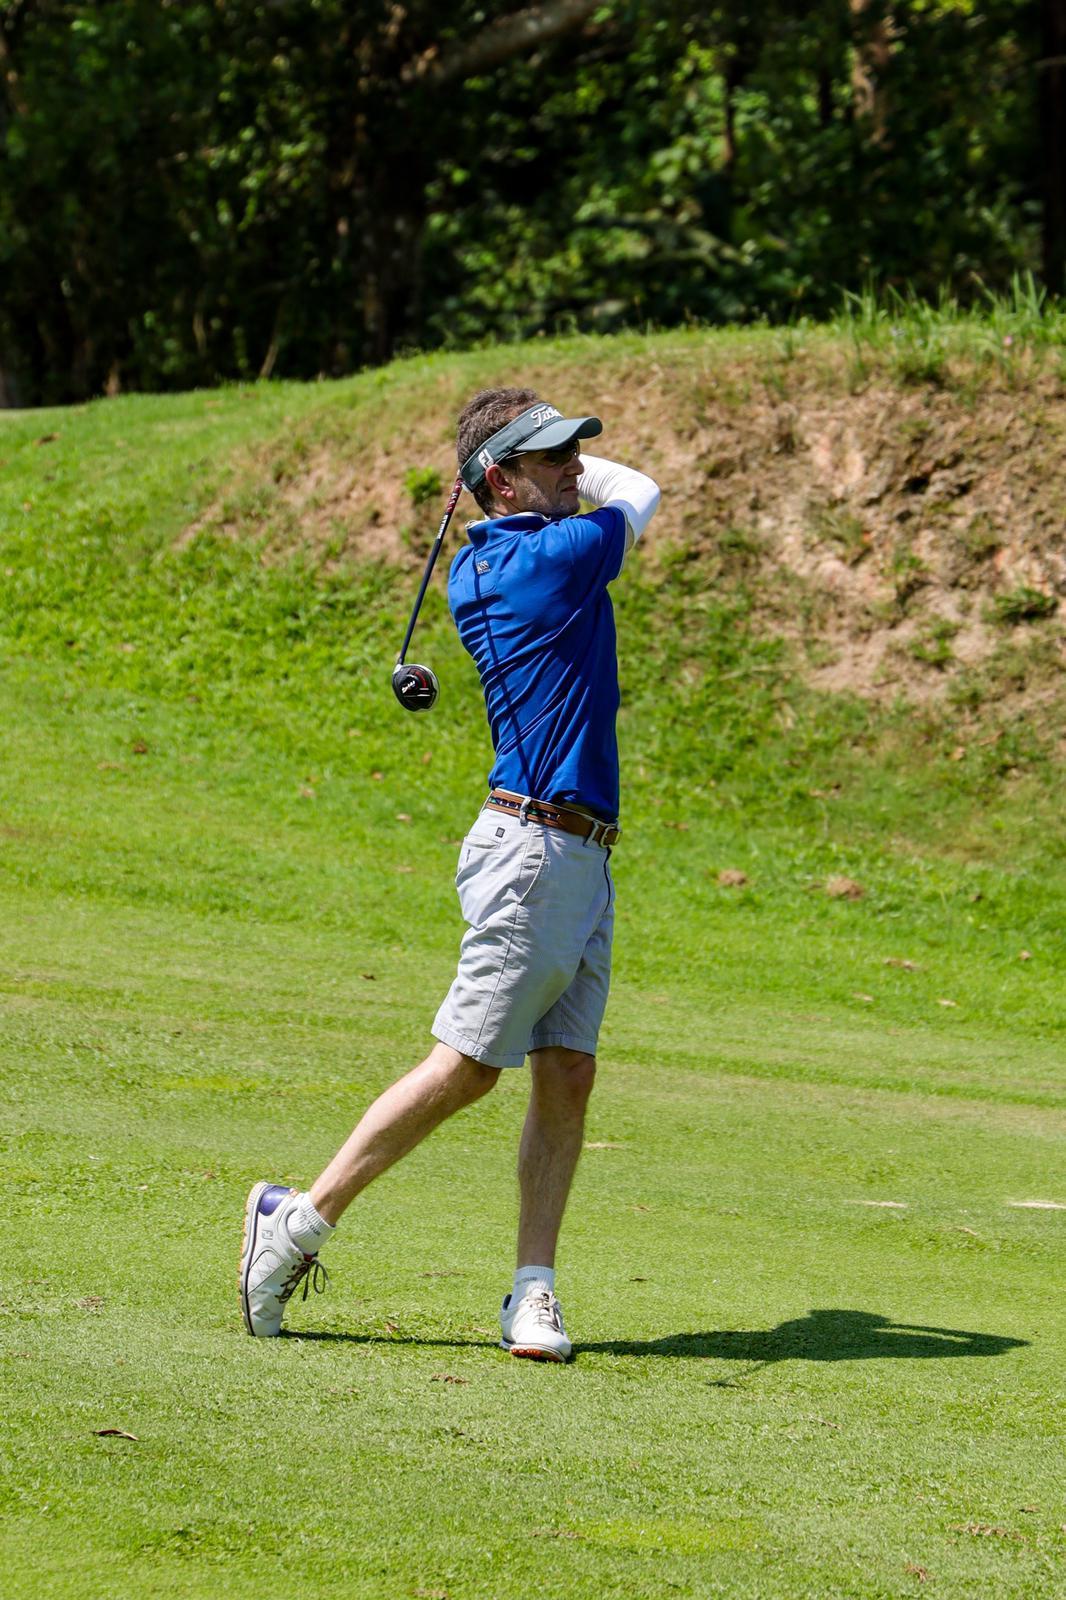 Tony Hand The Golf Swing Company